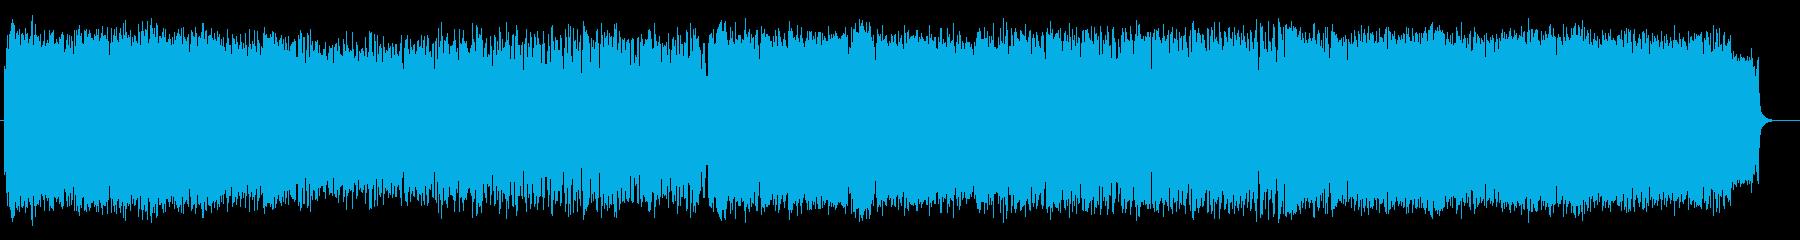 おしゃれなシンセサイザーのポップスの再生済みの波形